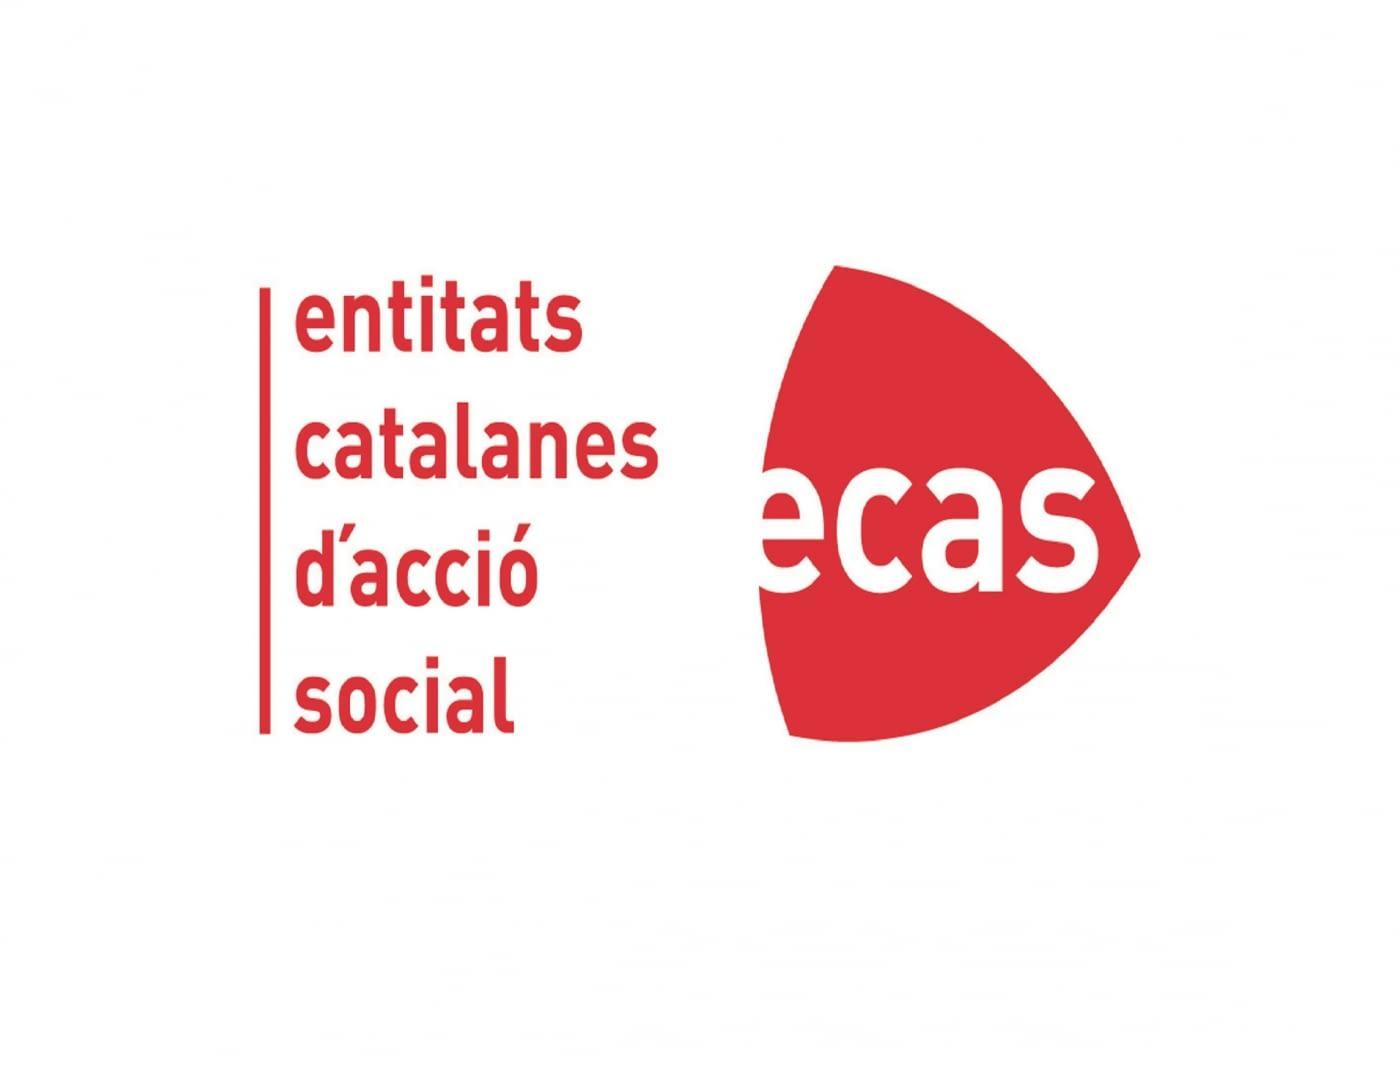 ECAS i els Consells Nacionals de Catalunya de Joventut, Gent Gran, Dones i LGBTI celebren l'aprovació de la Llei d'Igualtat de Tracte i No Discriminació